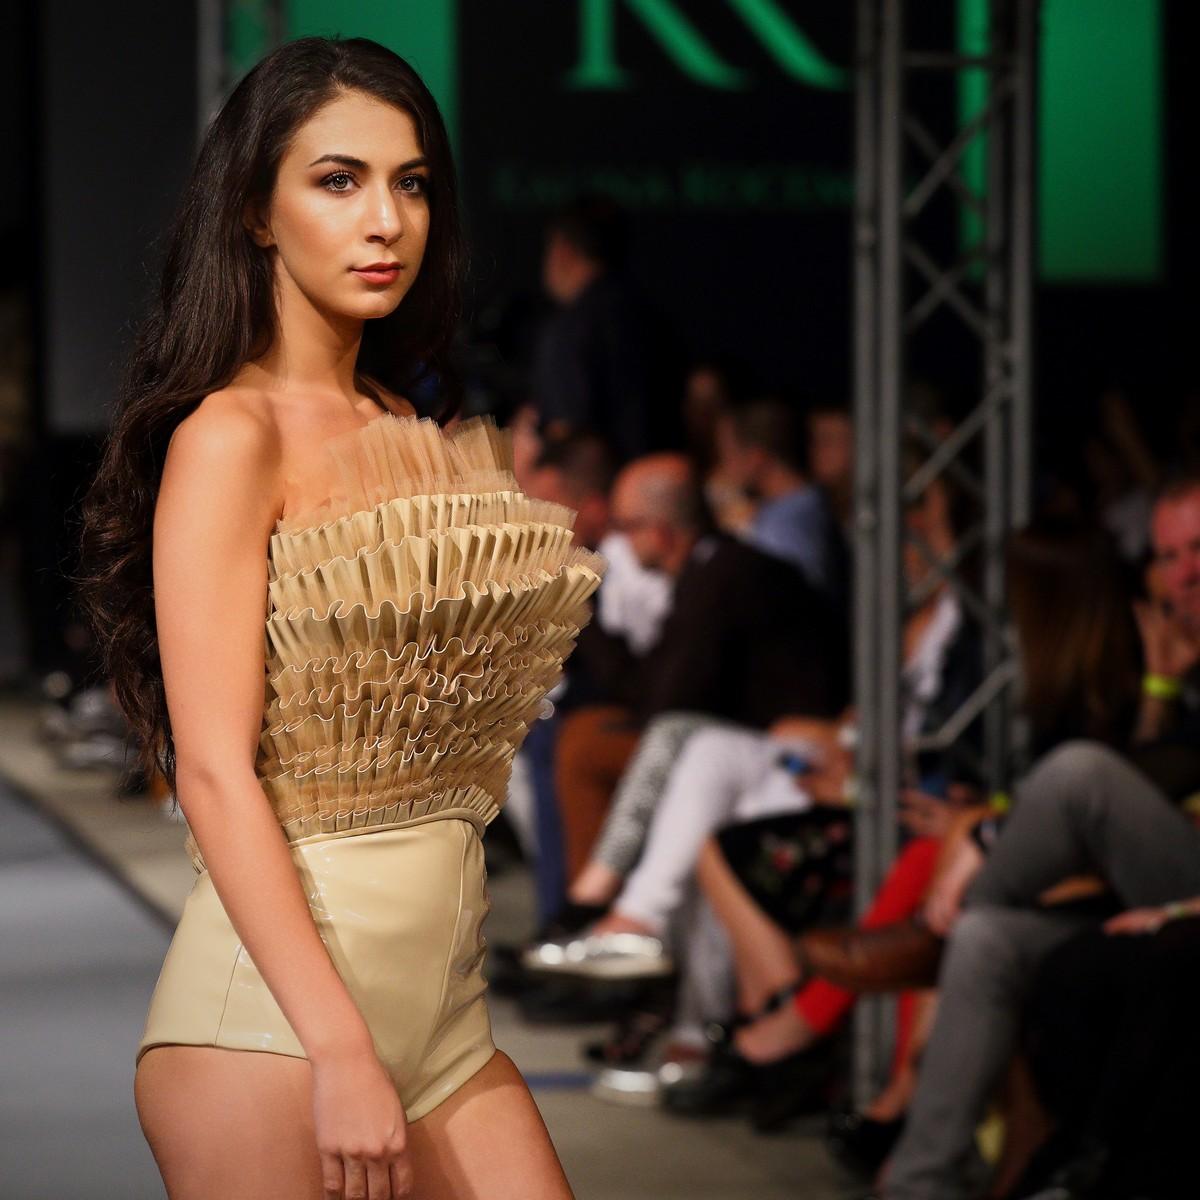 Berlin Fashion Week 2018 – Label: Kalina Kocemba